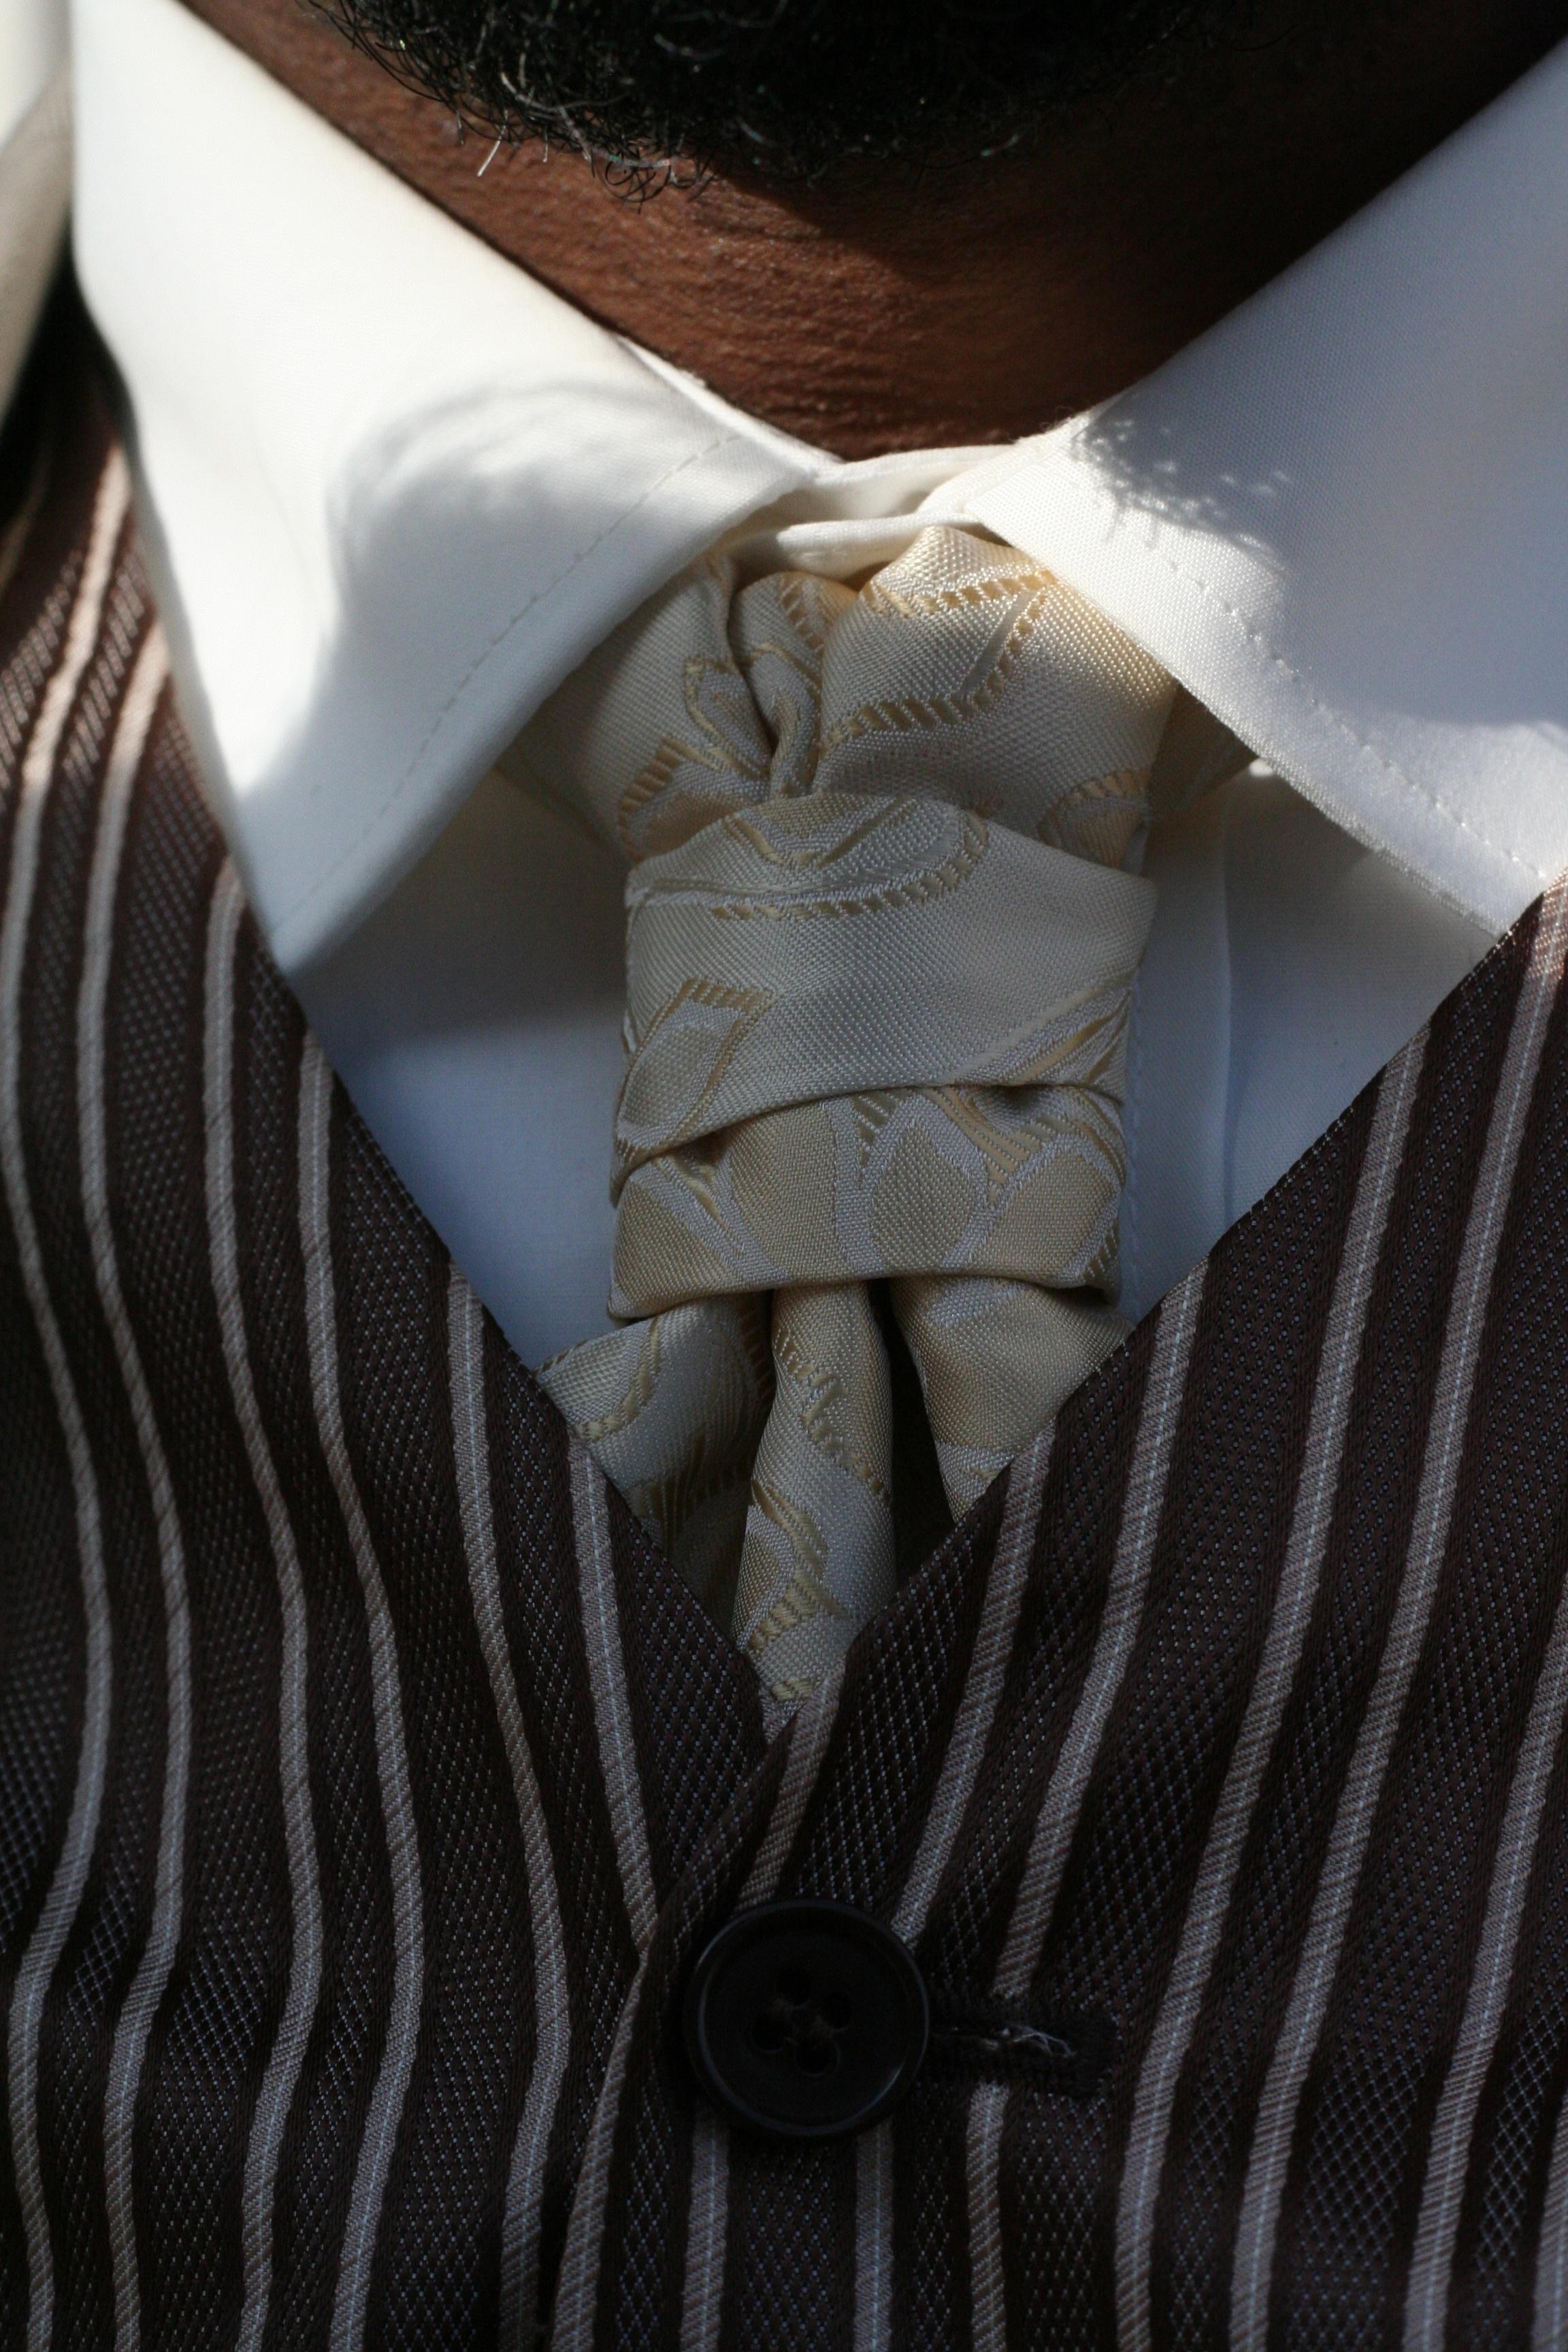 a297431b2d5f hånd dragt hvid mønster forår binde mode tøj sort bryllup Brudgom overtøj  tæt på tekstil kjole